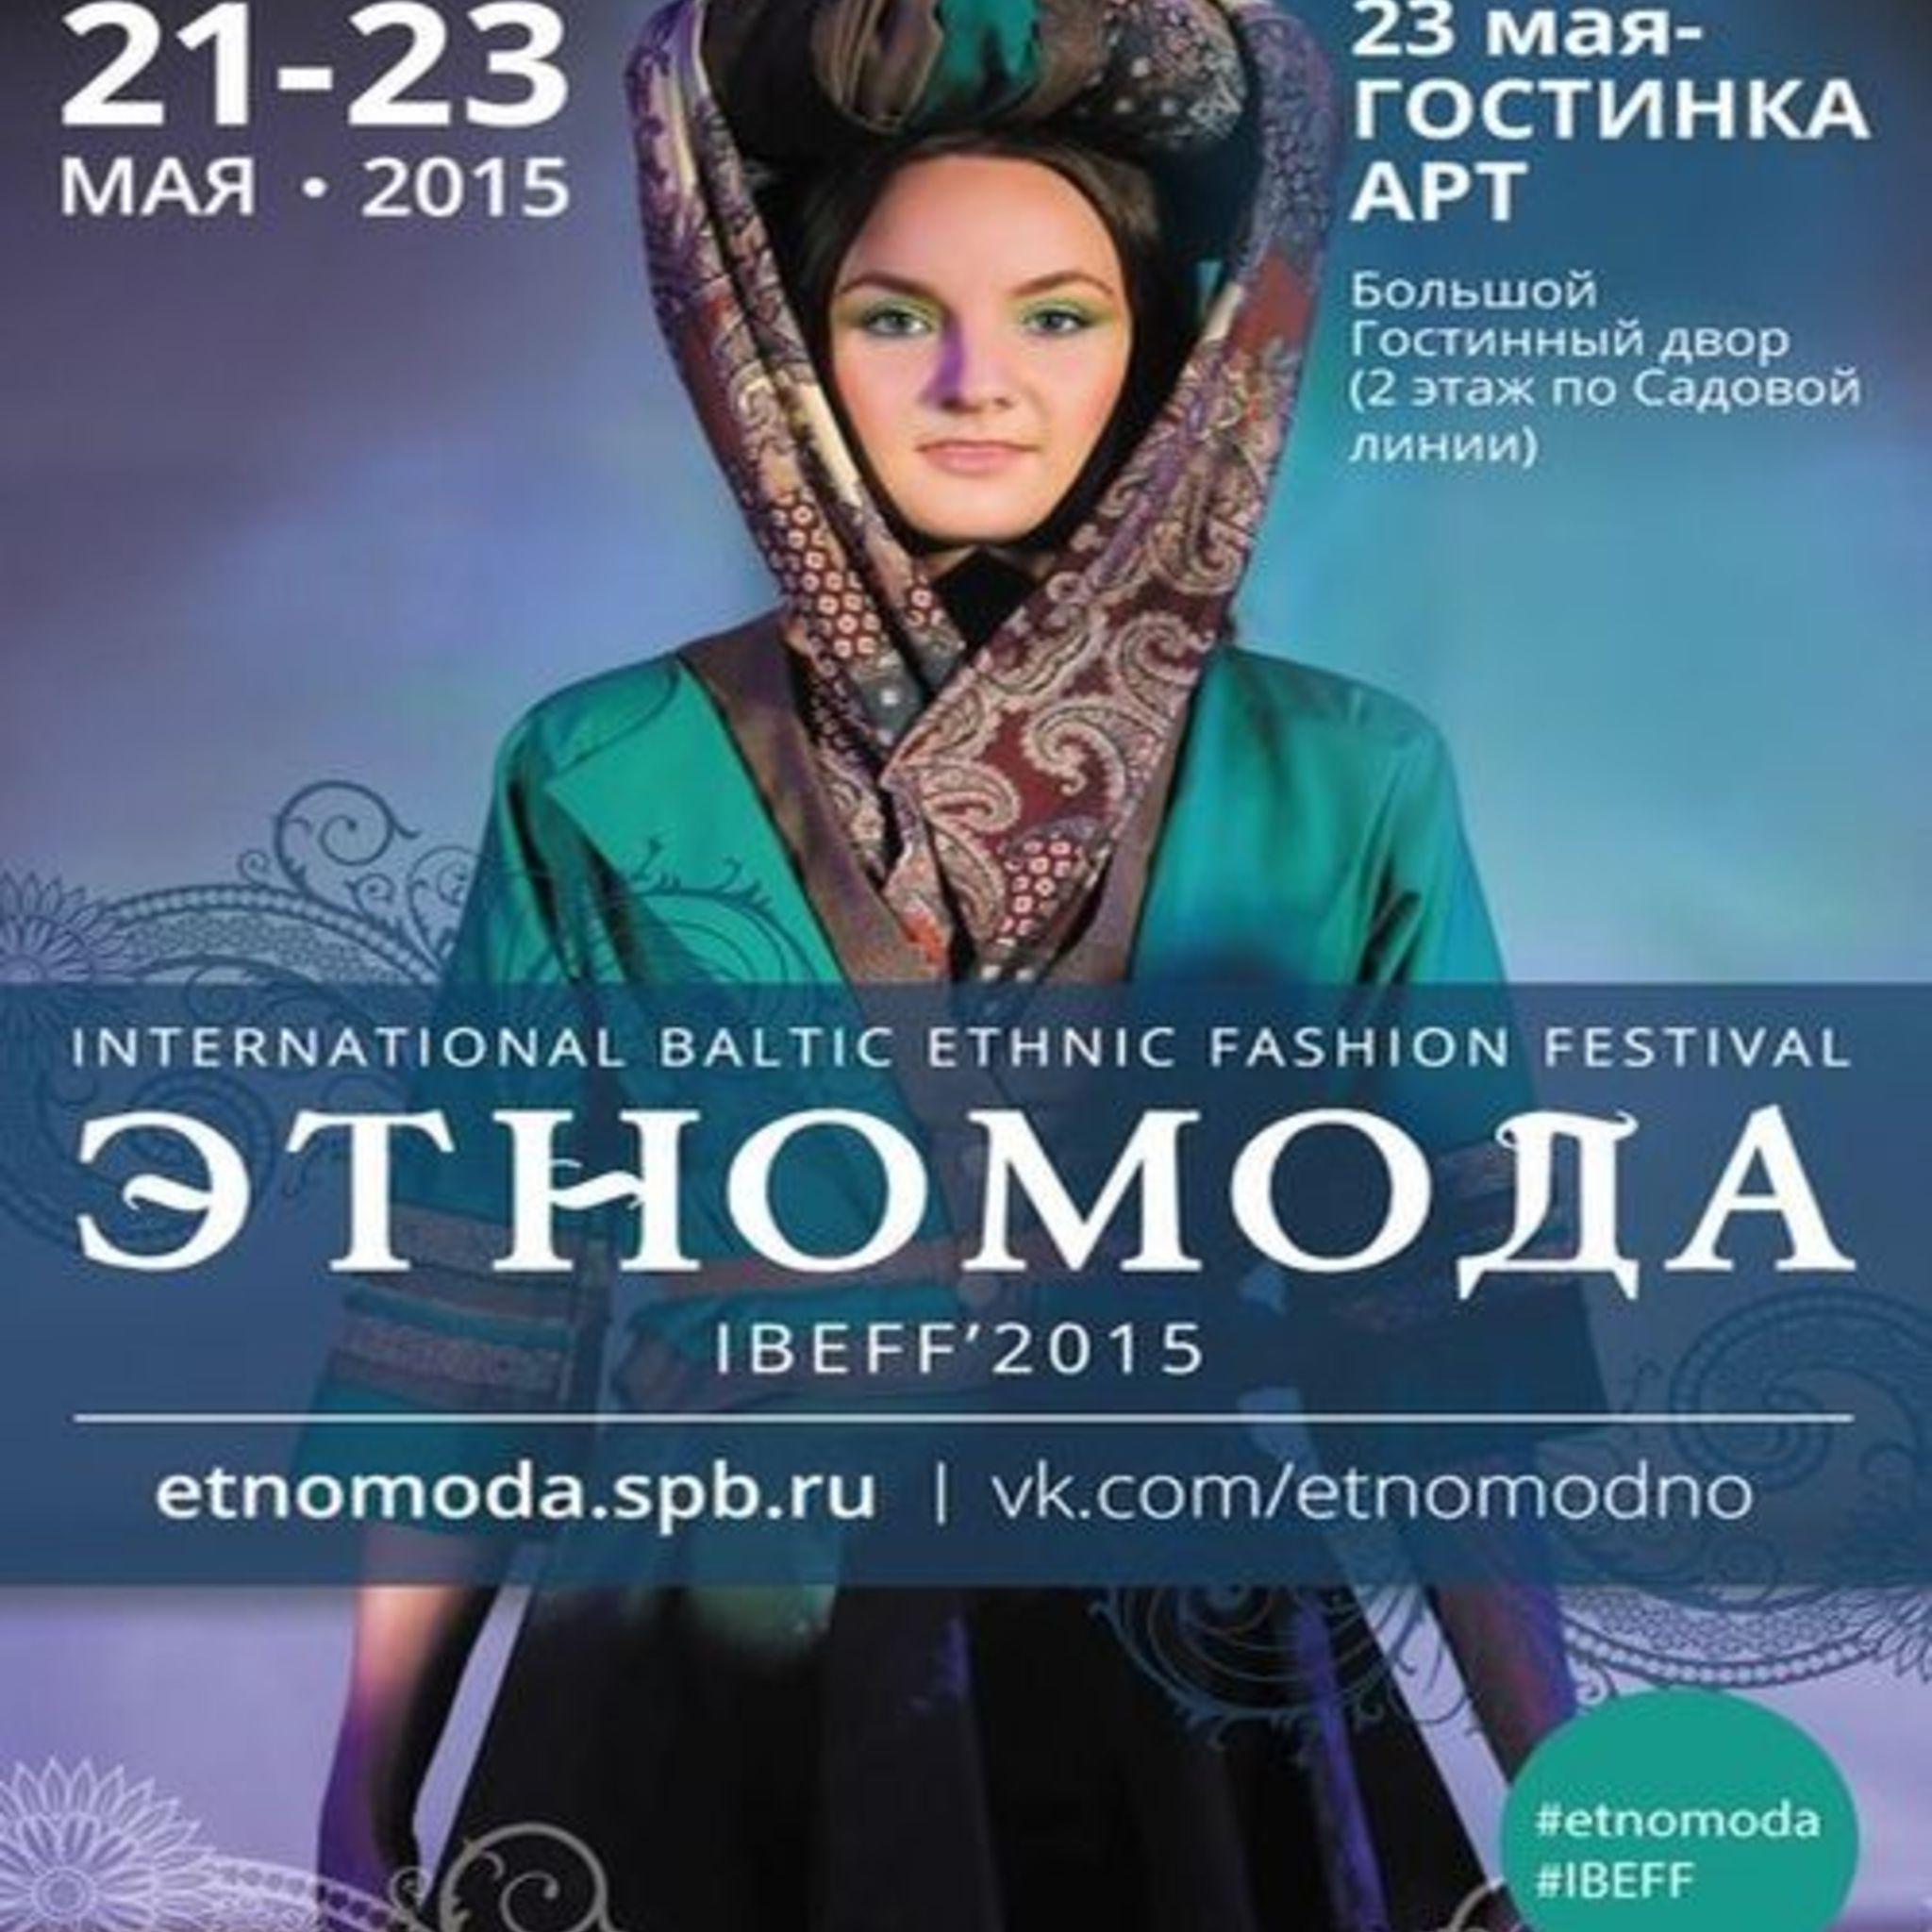 Ethnic Fashion Festival 2015 IBEFF